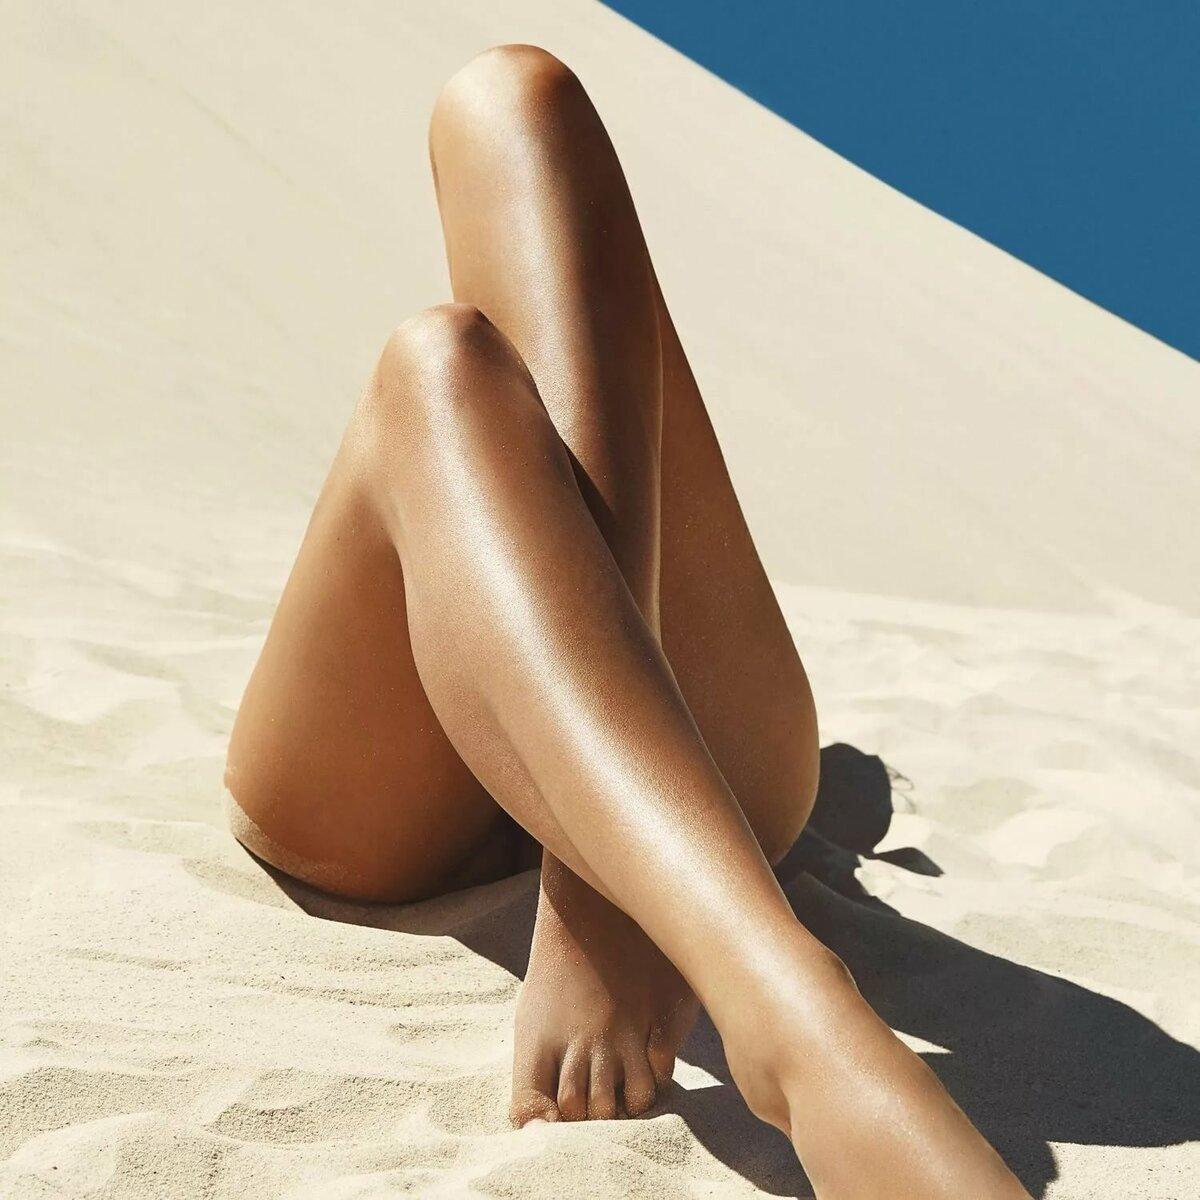 Красивые картинки ног